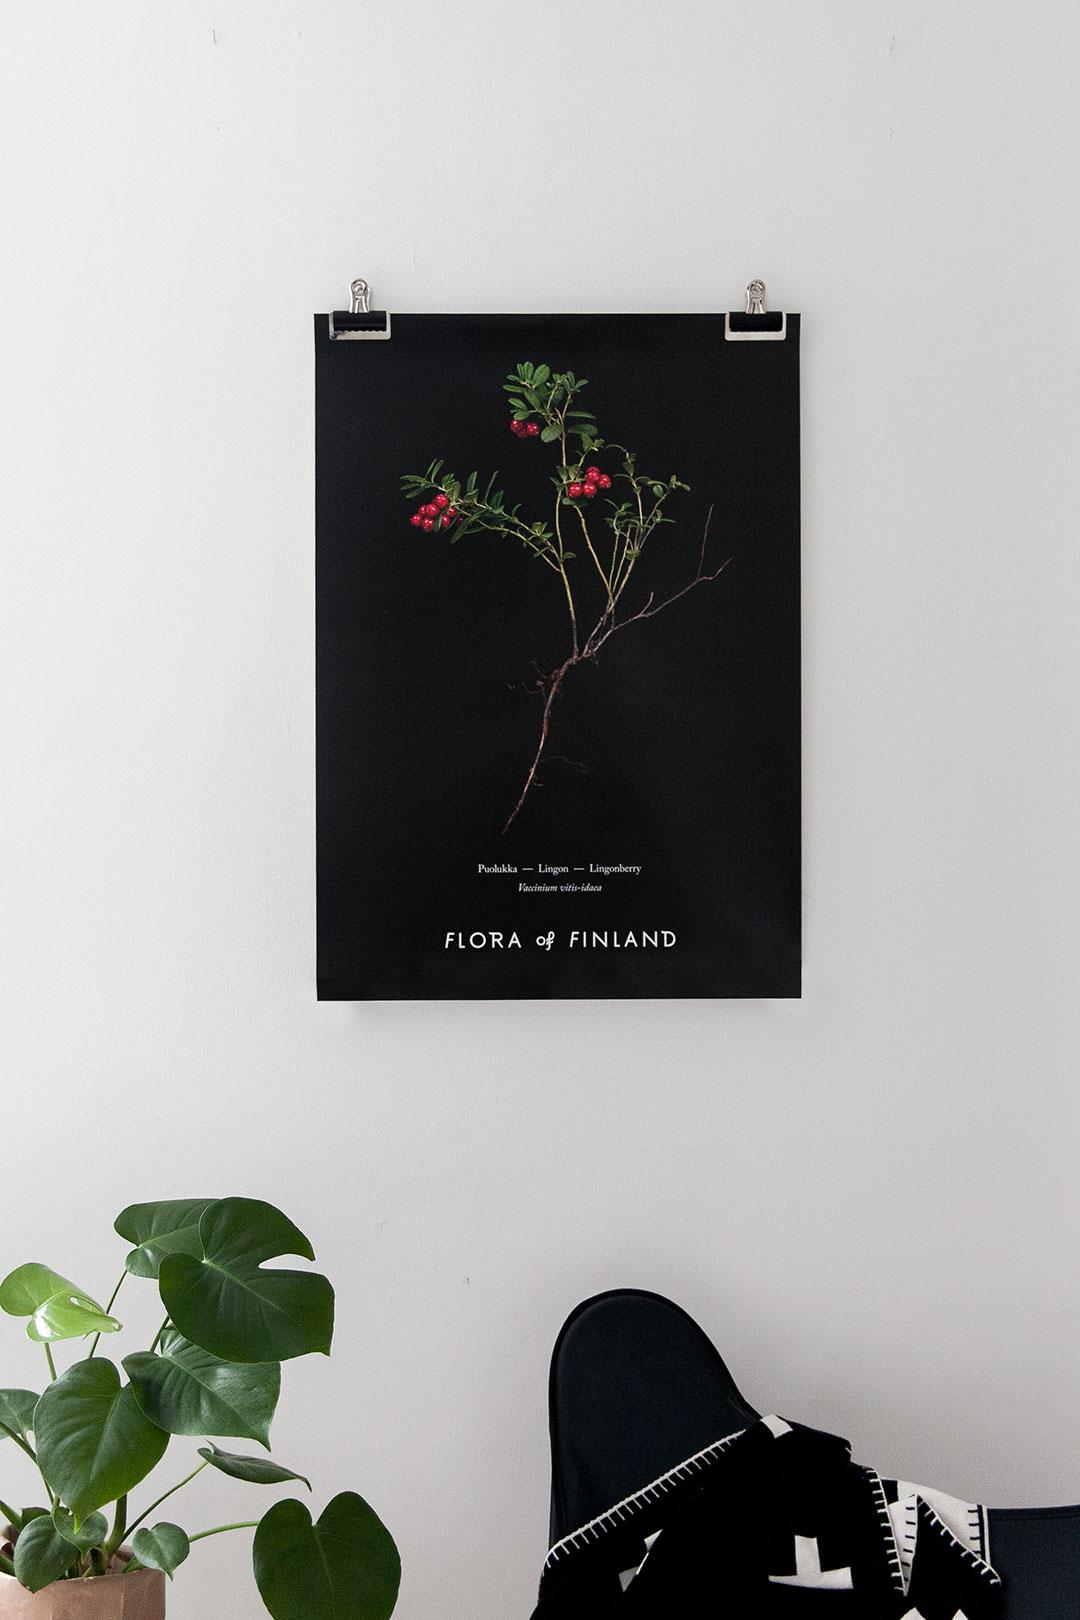 floraoffinland_04